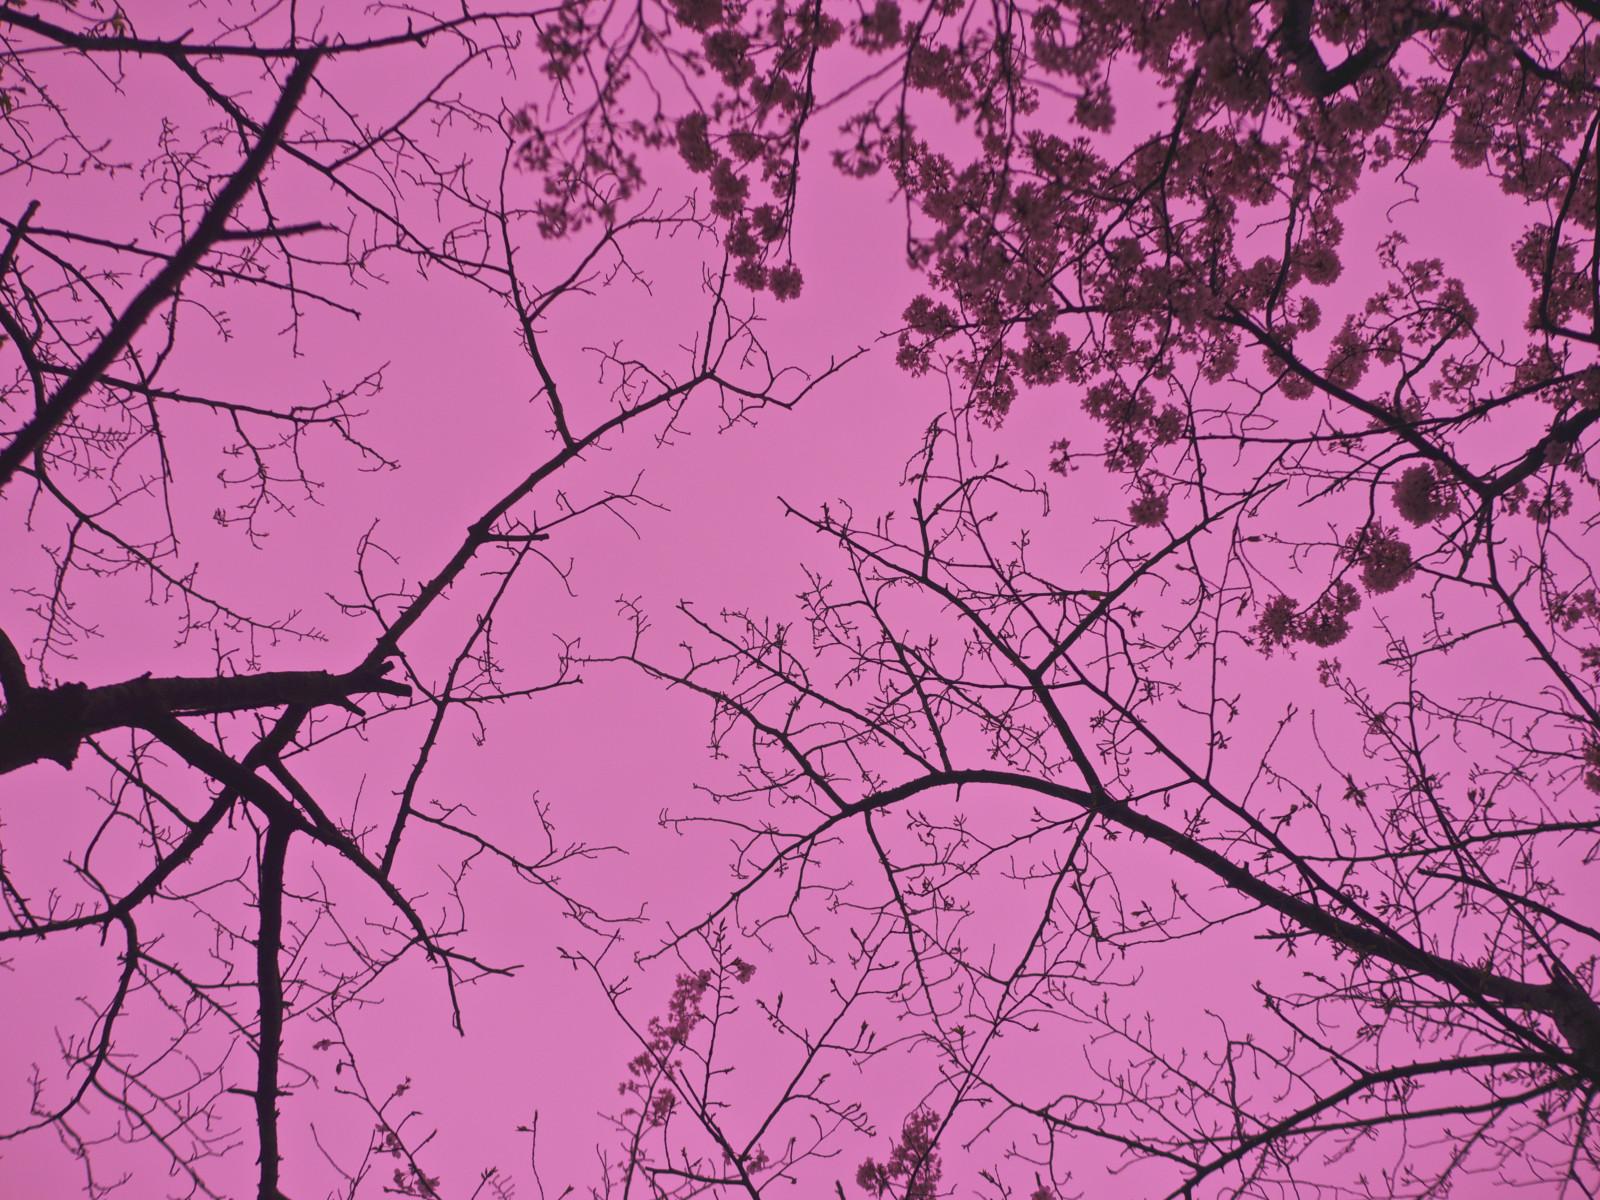 fond d'écran : branche, rose, arbre, violet, feuille, ciel, plante